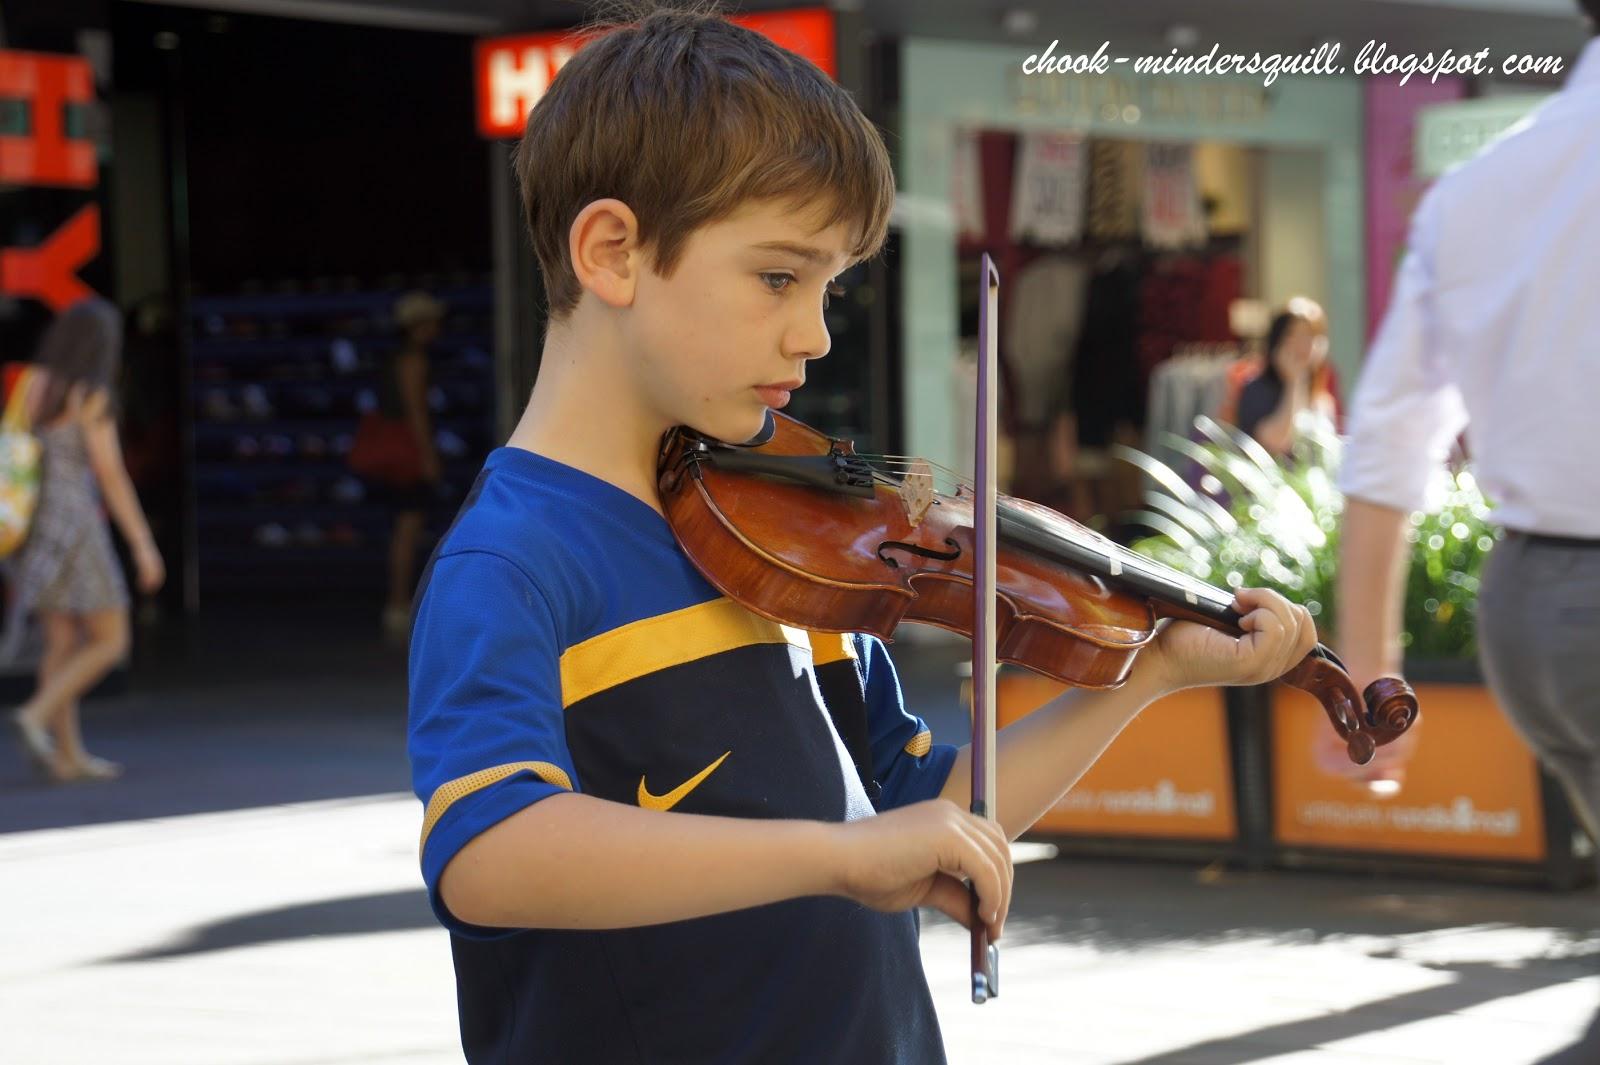 The chook minder 39 s quill violino piccolo - Volpino piccolo ...